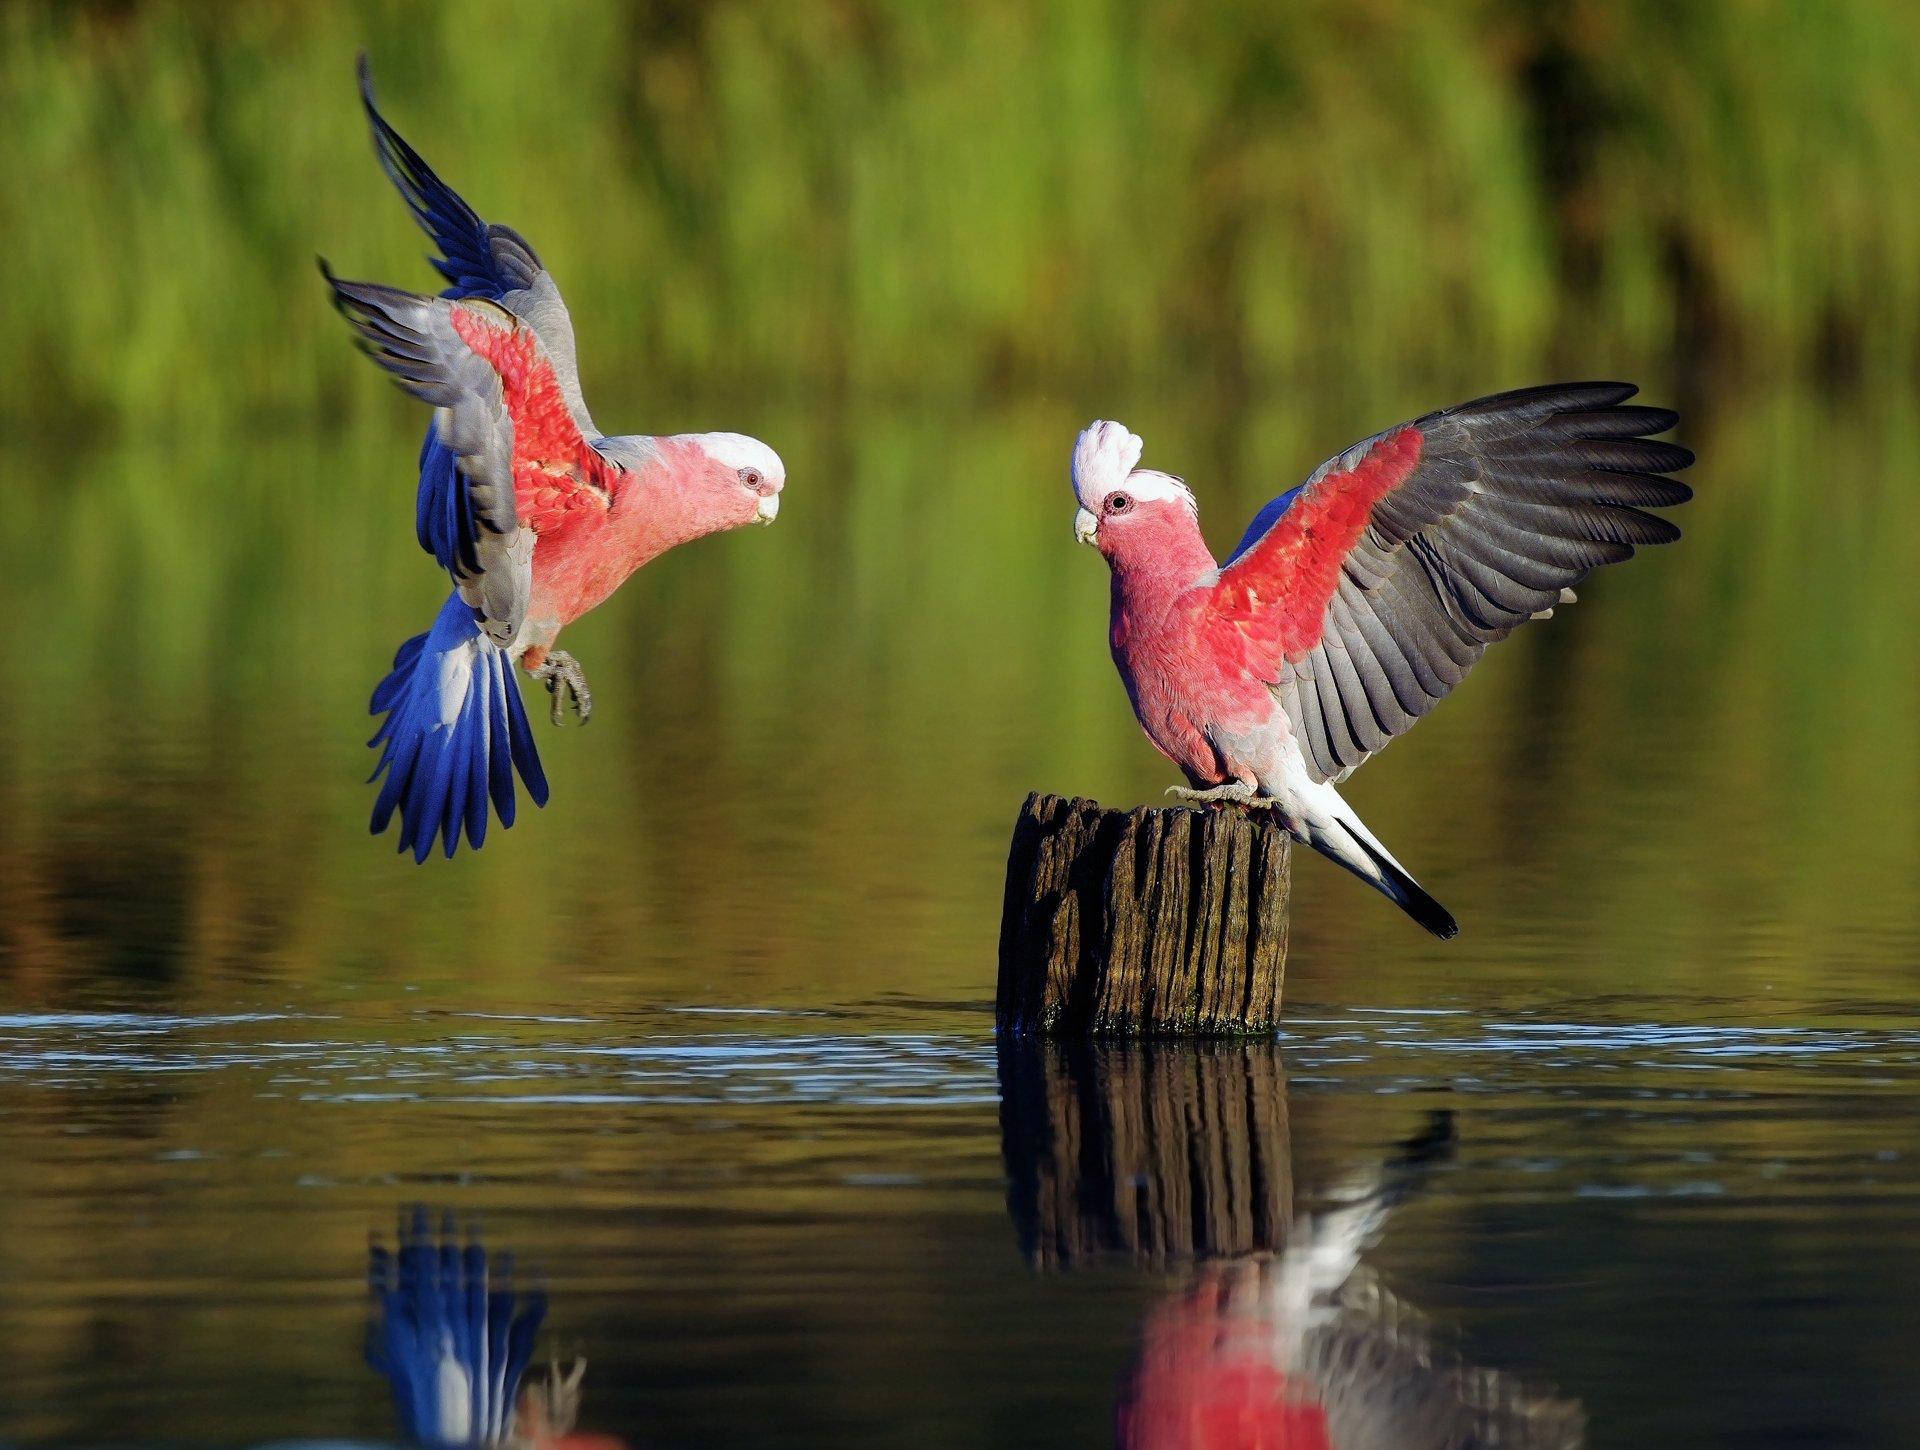 природа животные птица nature animals bird  № 2036894 загрузить